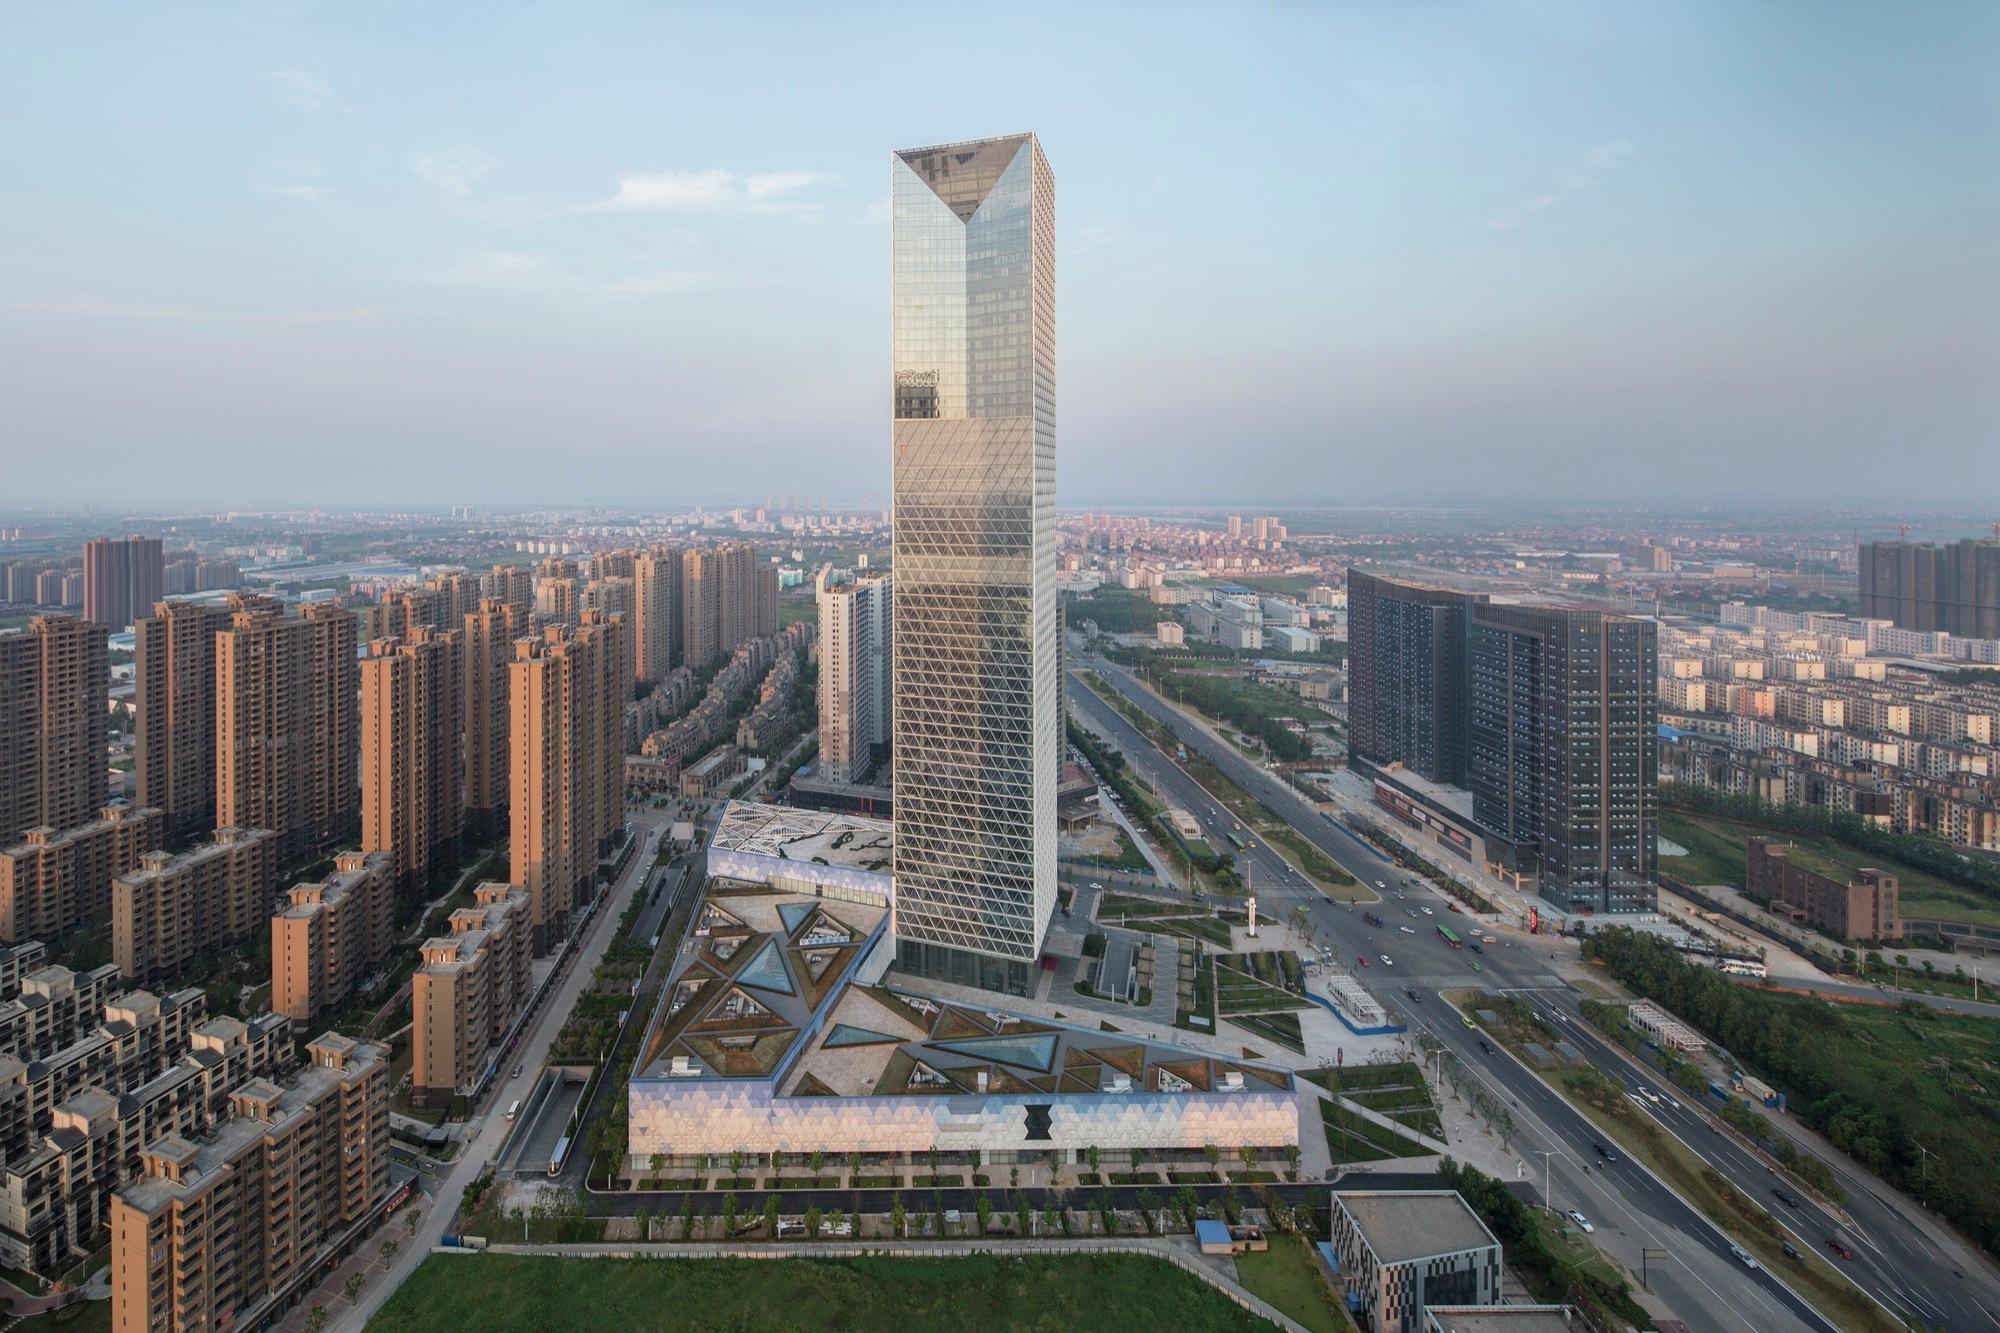 Jiangxi nanchang